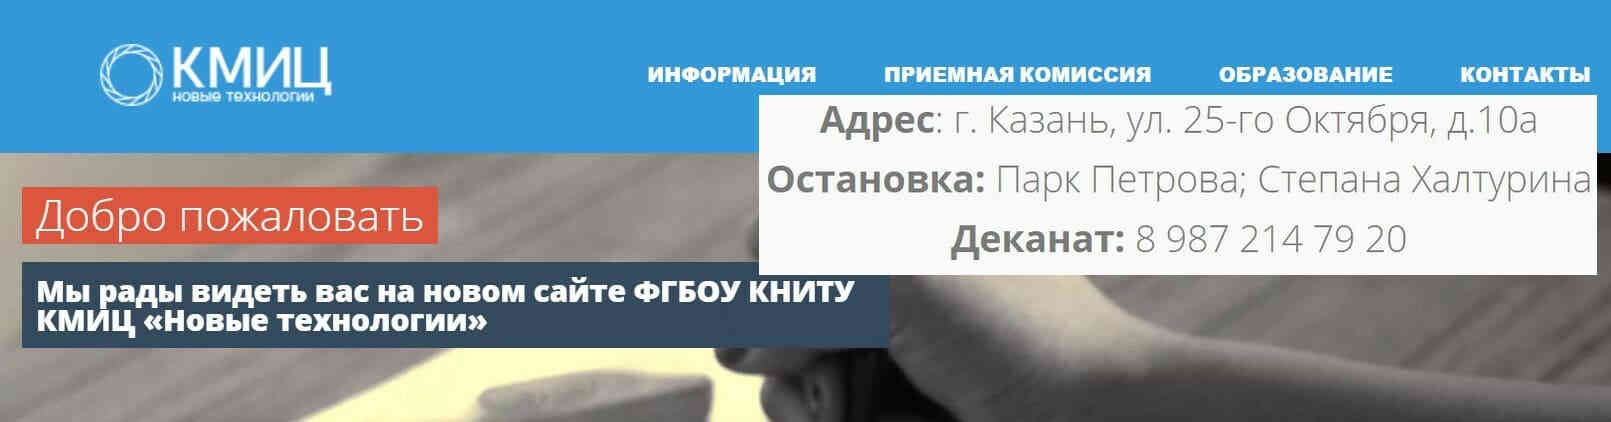 КМИЦ Новые технологии сайт